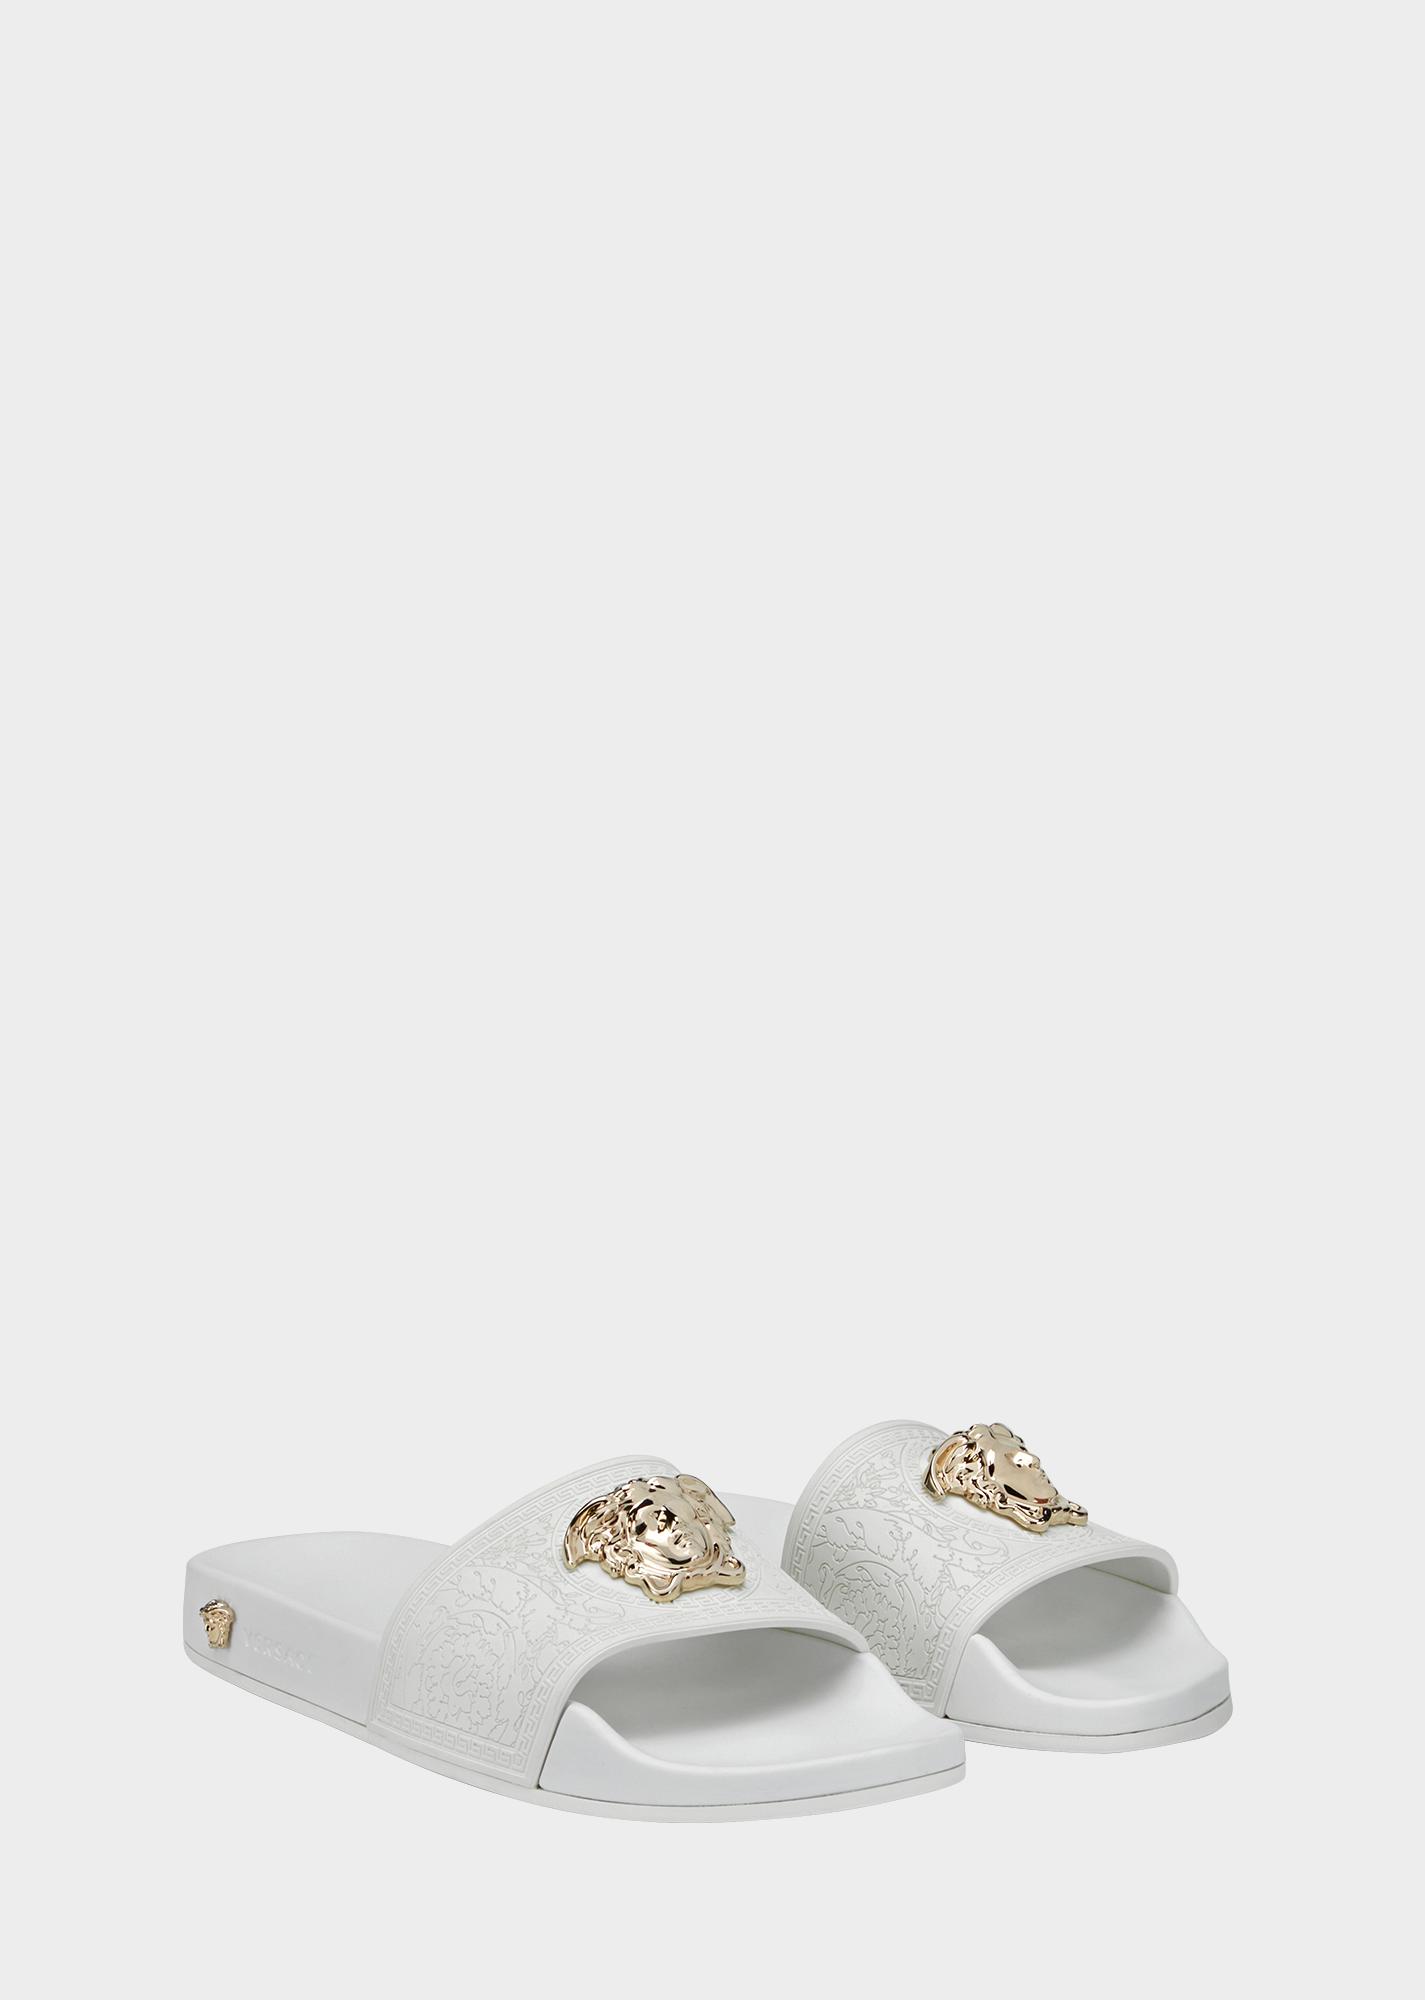 759186d2c Baroque Medusa Slides - White   Light Gold Sandals